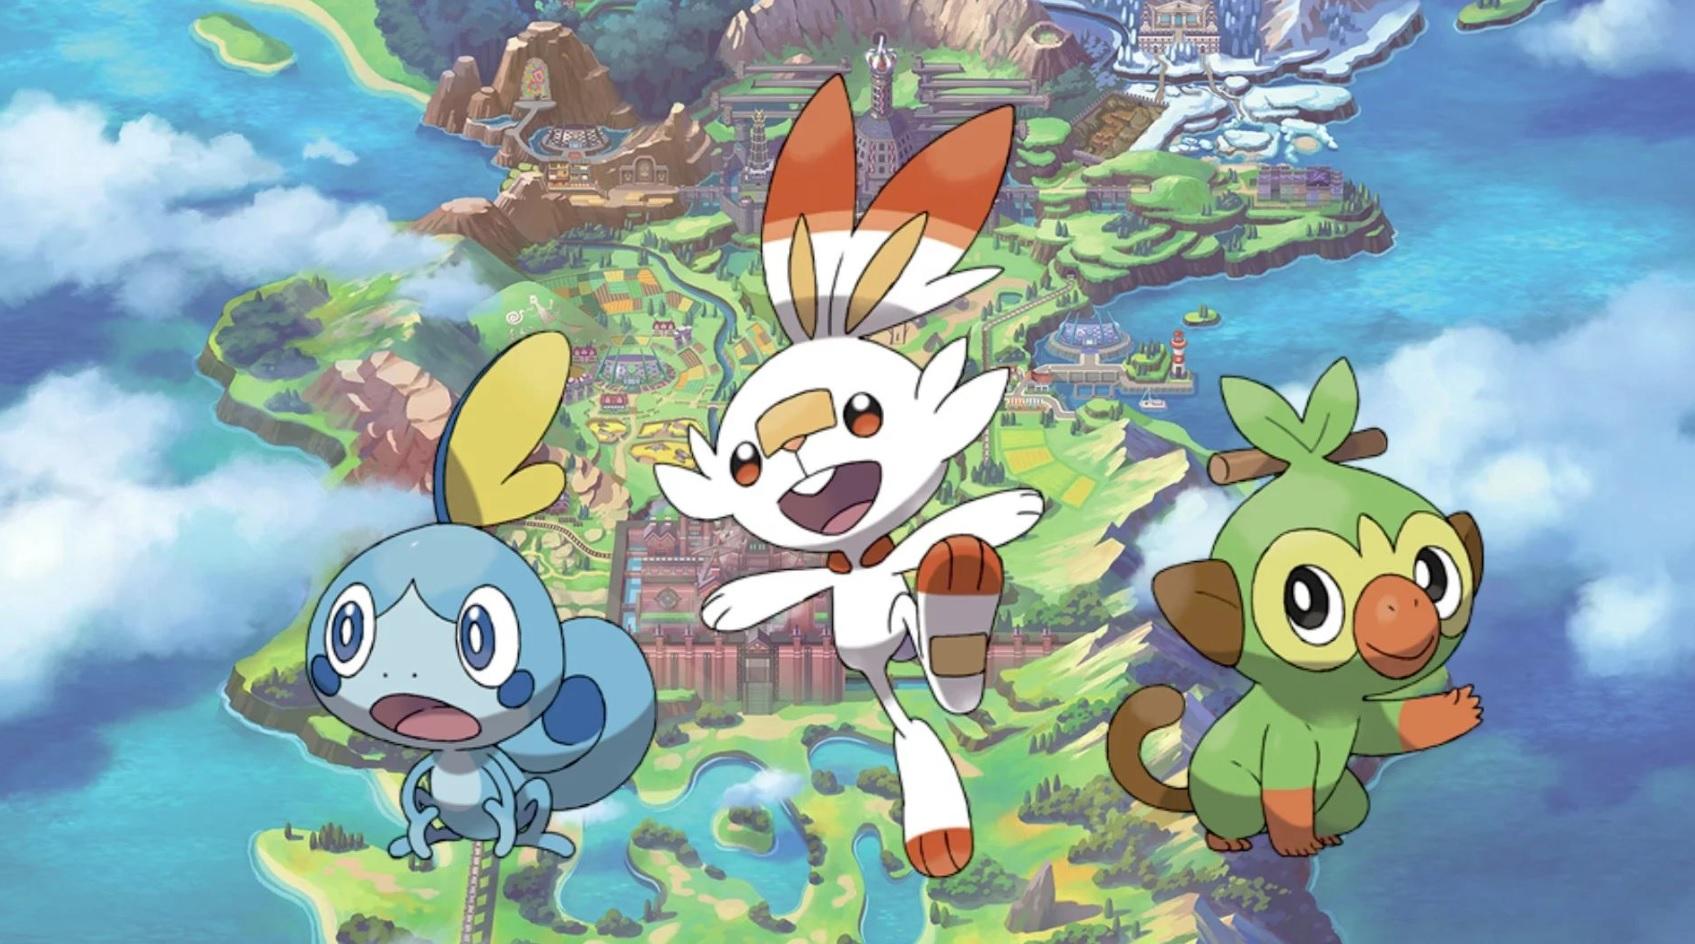 Une Pub Japonaise Pour Pokémon épée Et Bouclier Pxlbbq